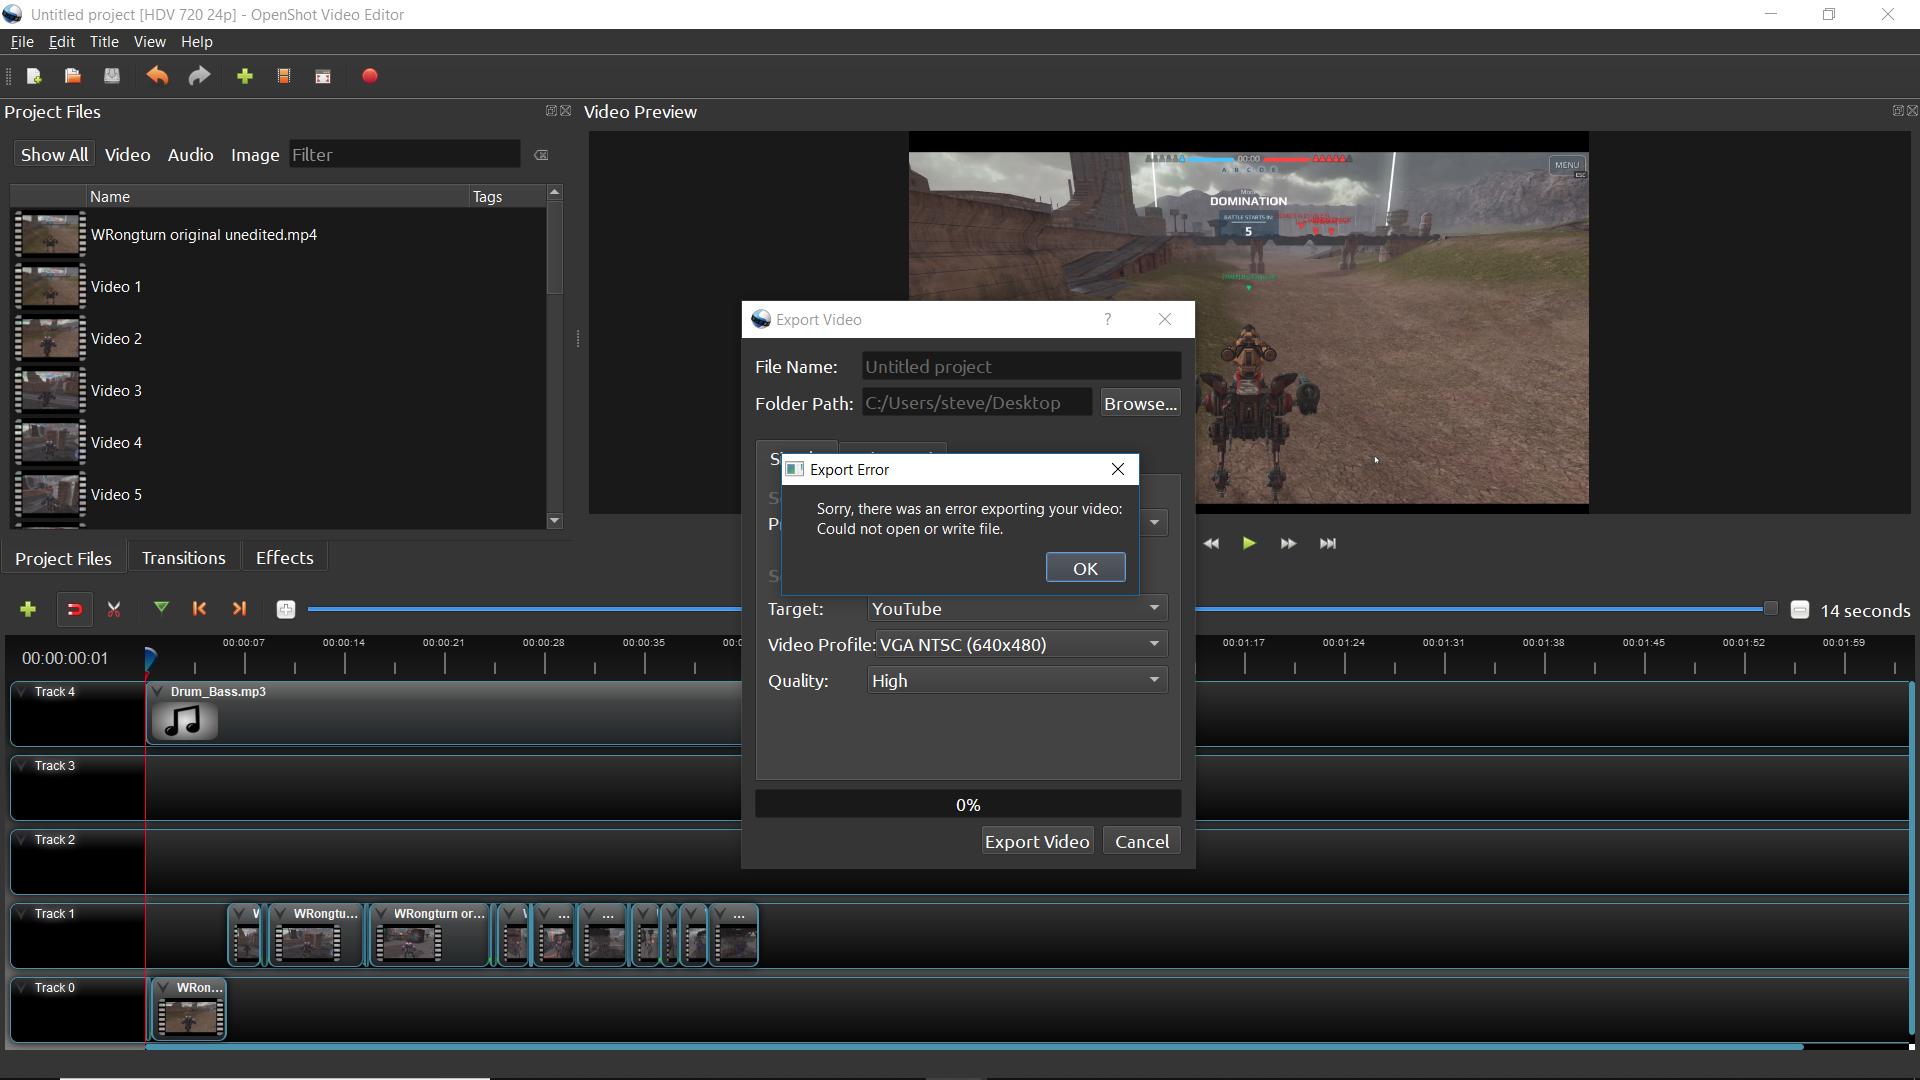 Can't Export my video, Error